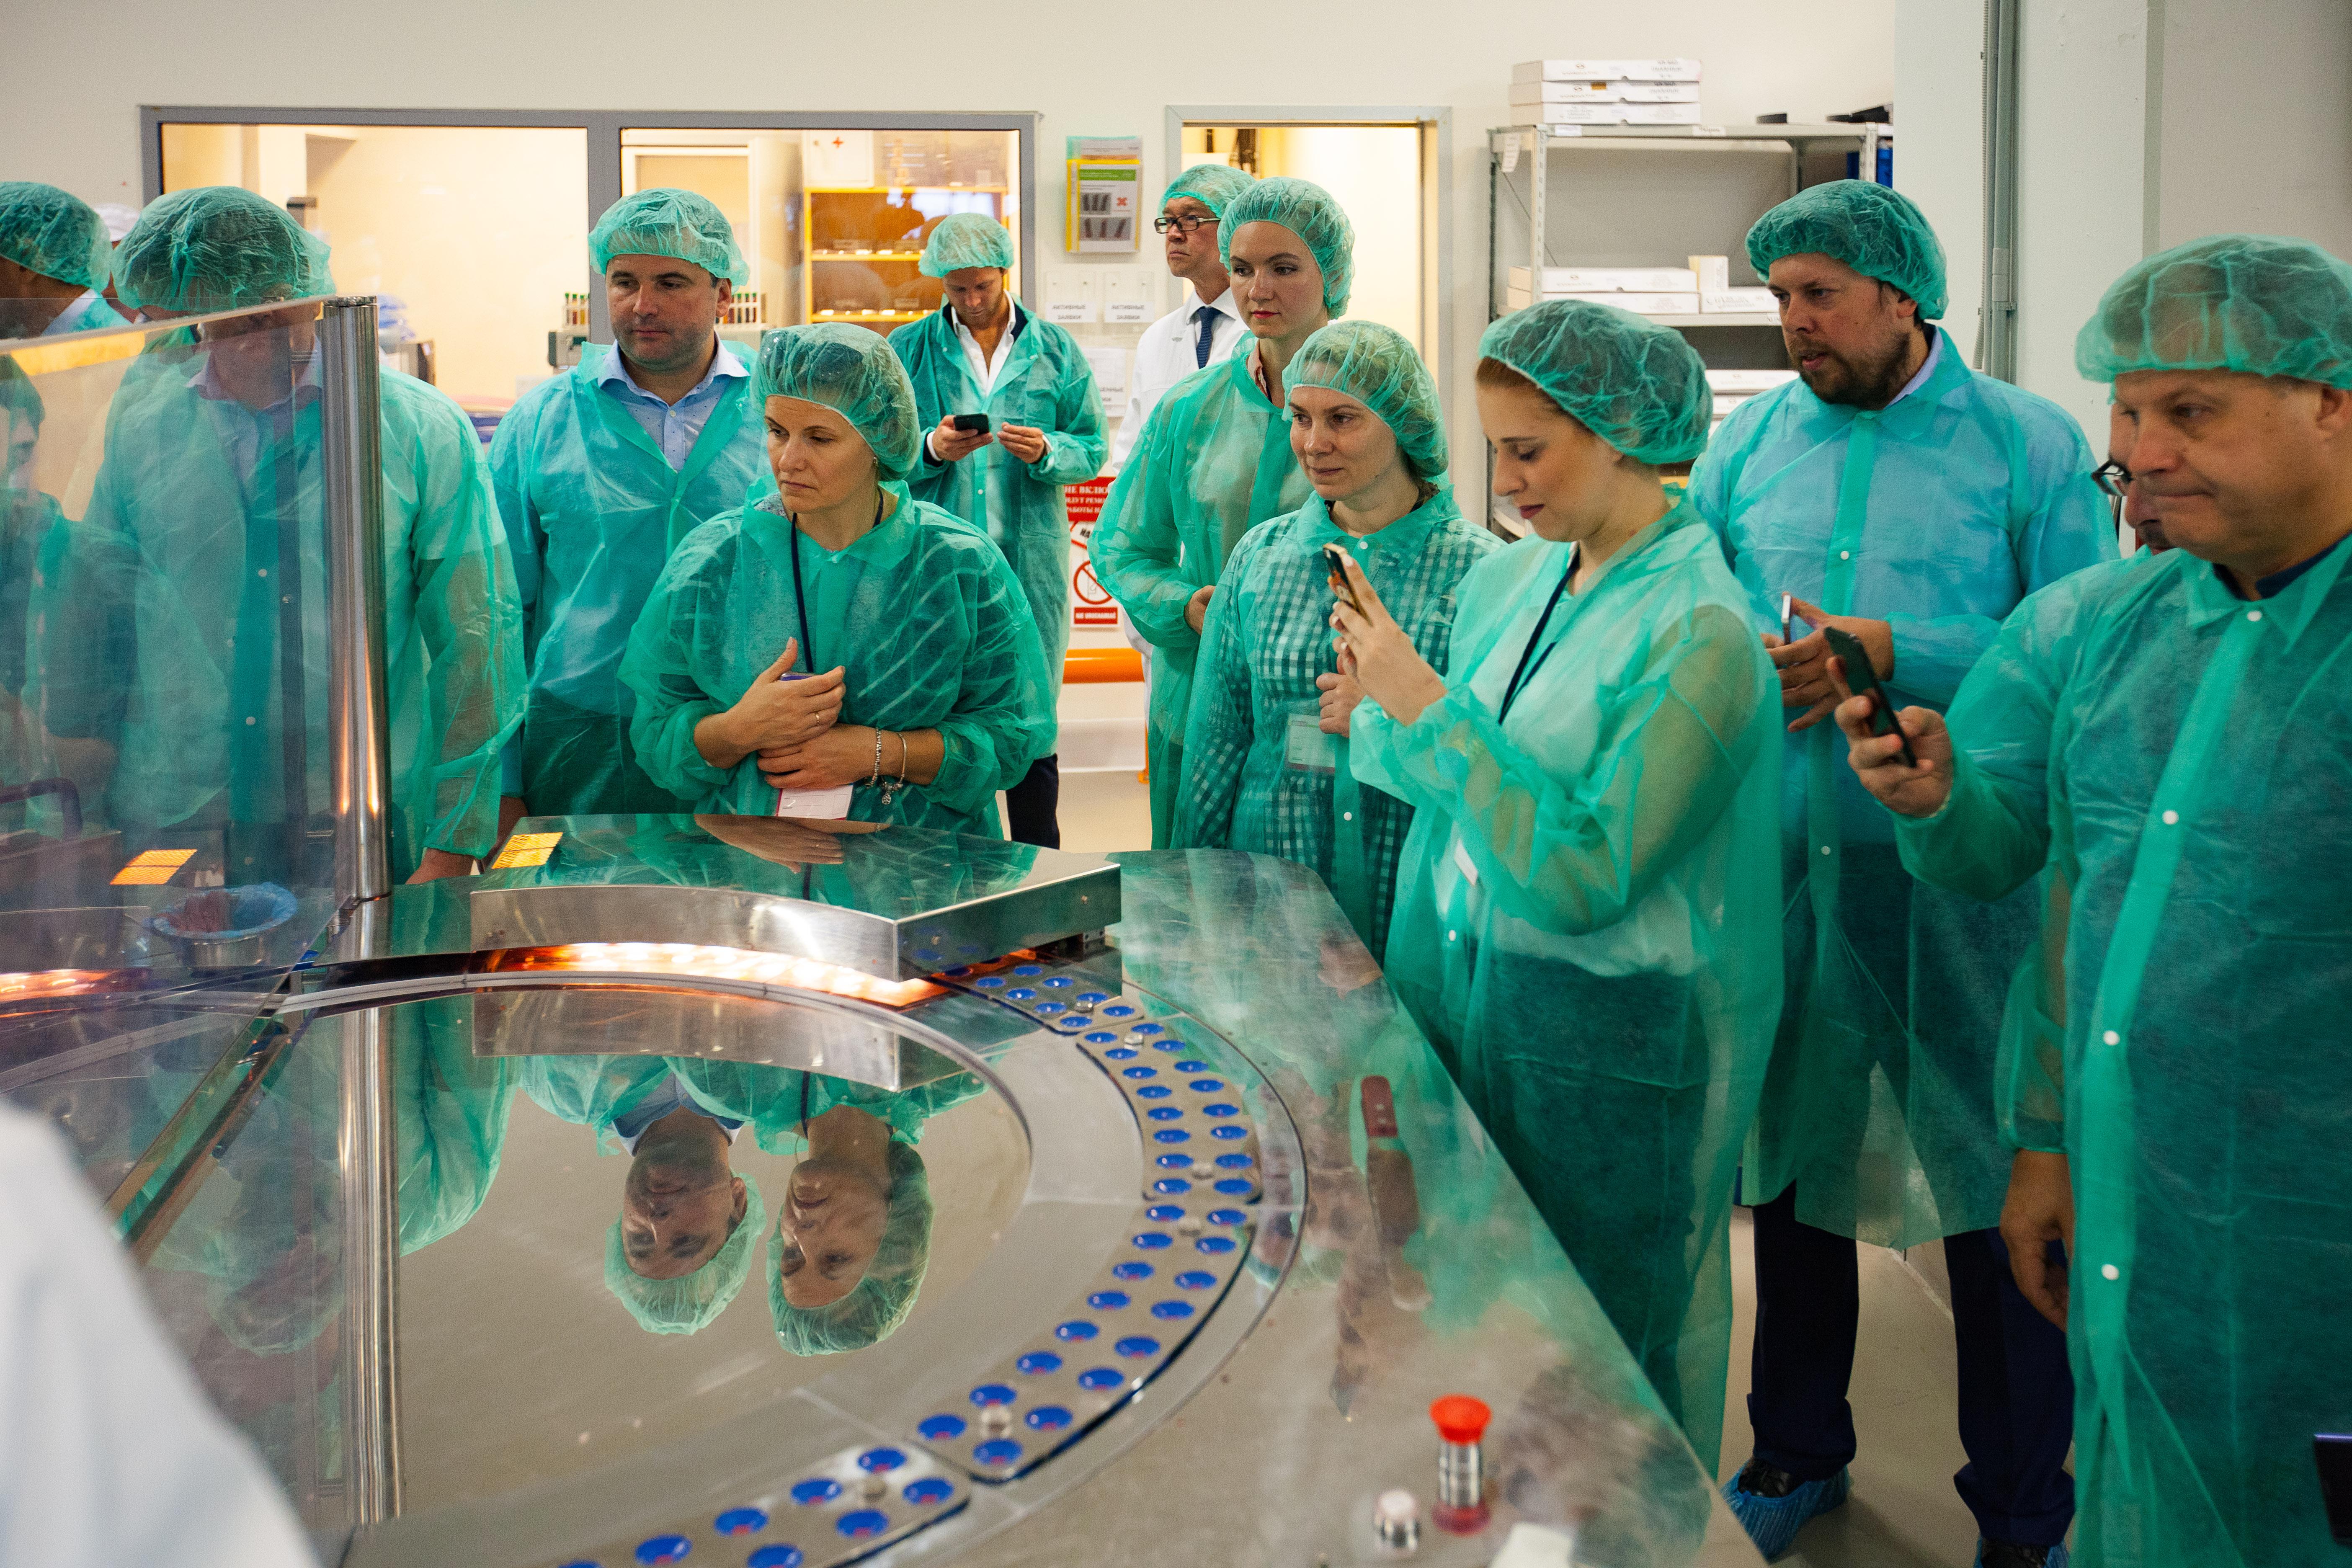 Члены Комитета ИСБ посетили производство ООО «СетесКосметикс» (ГК Oriflame)